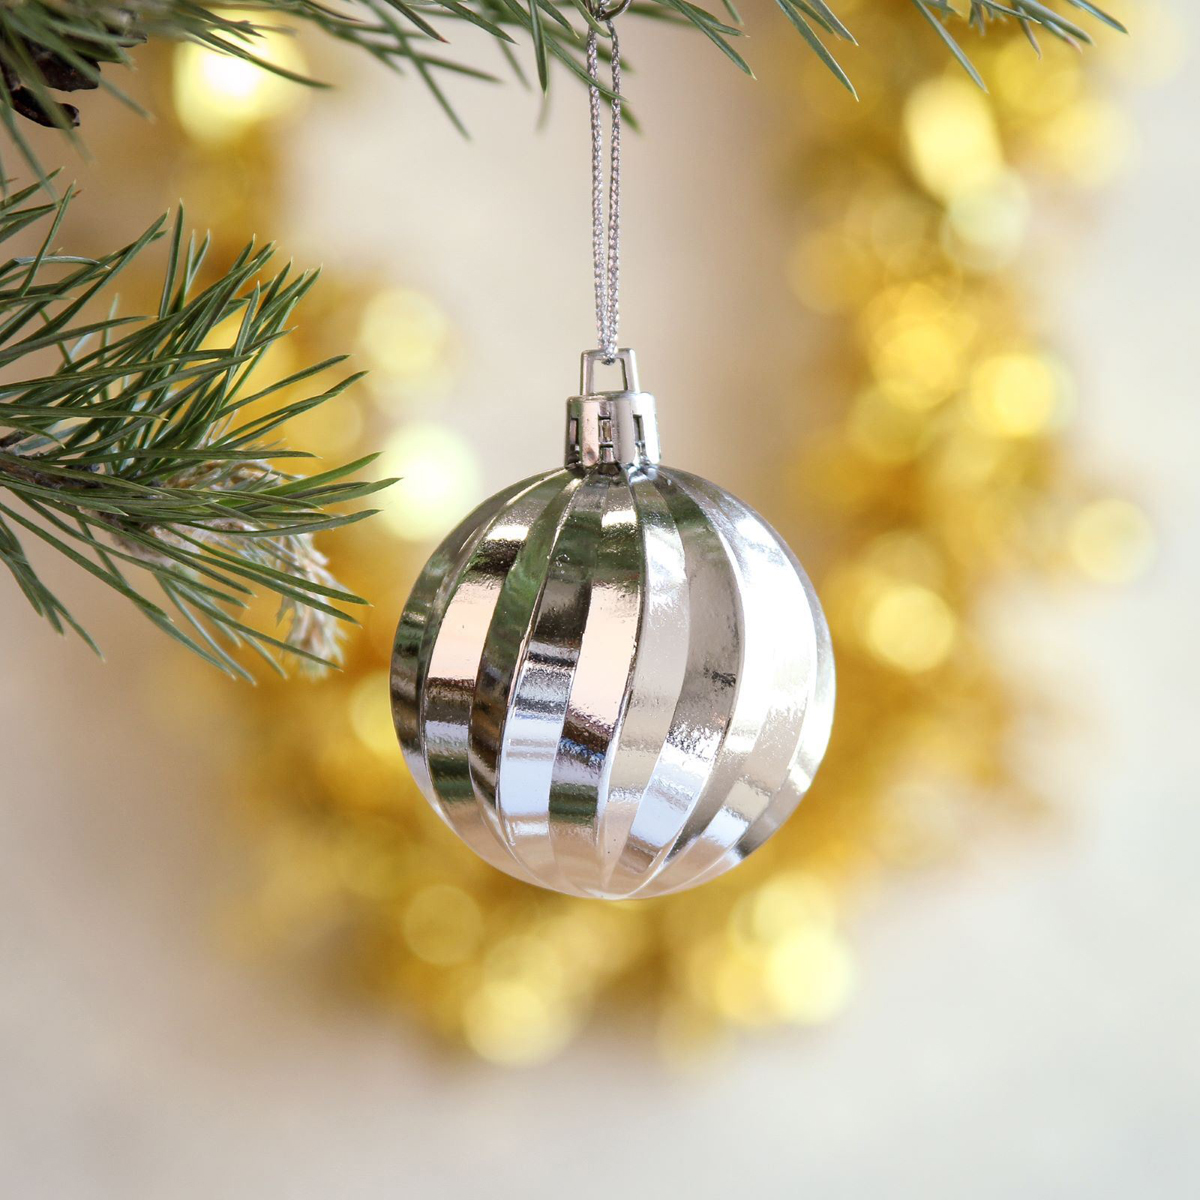 Набор новогодних подвесных украшений Sima-land Клио, диаметр 4,5 см, 20 шт2372199Набор новогодних подвесных украшений Sima-land отлично подойдет для декорации вашего дома и новогодней ели. С помощью специальной петельки украшение можно повесить в любом понравившемся вам месте. Но, конечно, удачнее всего оно будет смотреться на праздничной елке. Елочная игрушка - символ Нового года. Она несет в себе волшебство и красоту праздника. Создайте в своем доме атмосферу веселья и радости, украшая новогоднюю елку нарядными игрушками, которые будут из года в год накапливать теплоту воспоминаний.